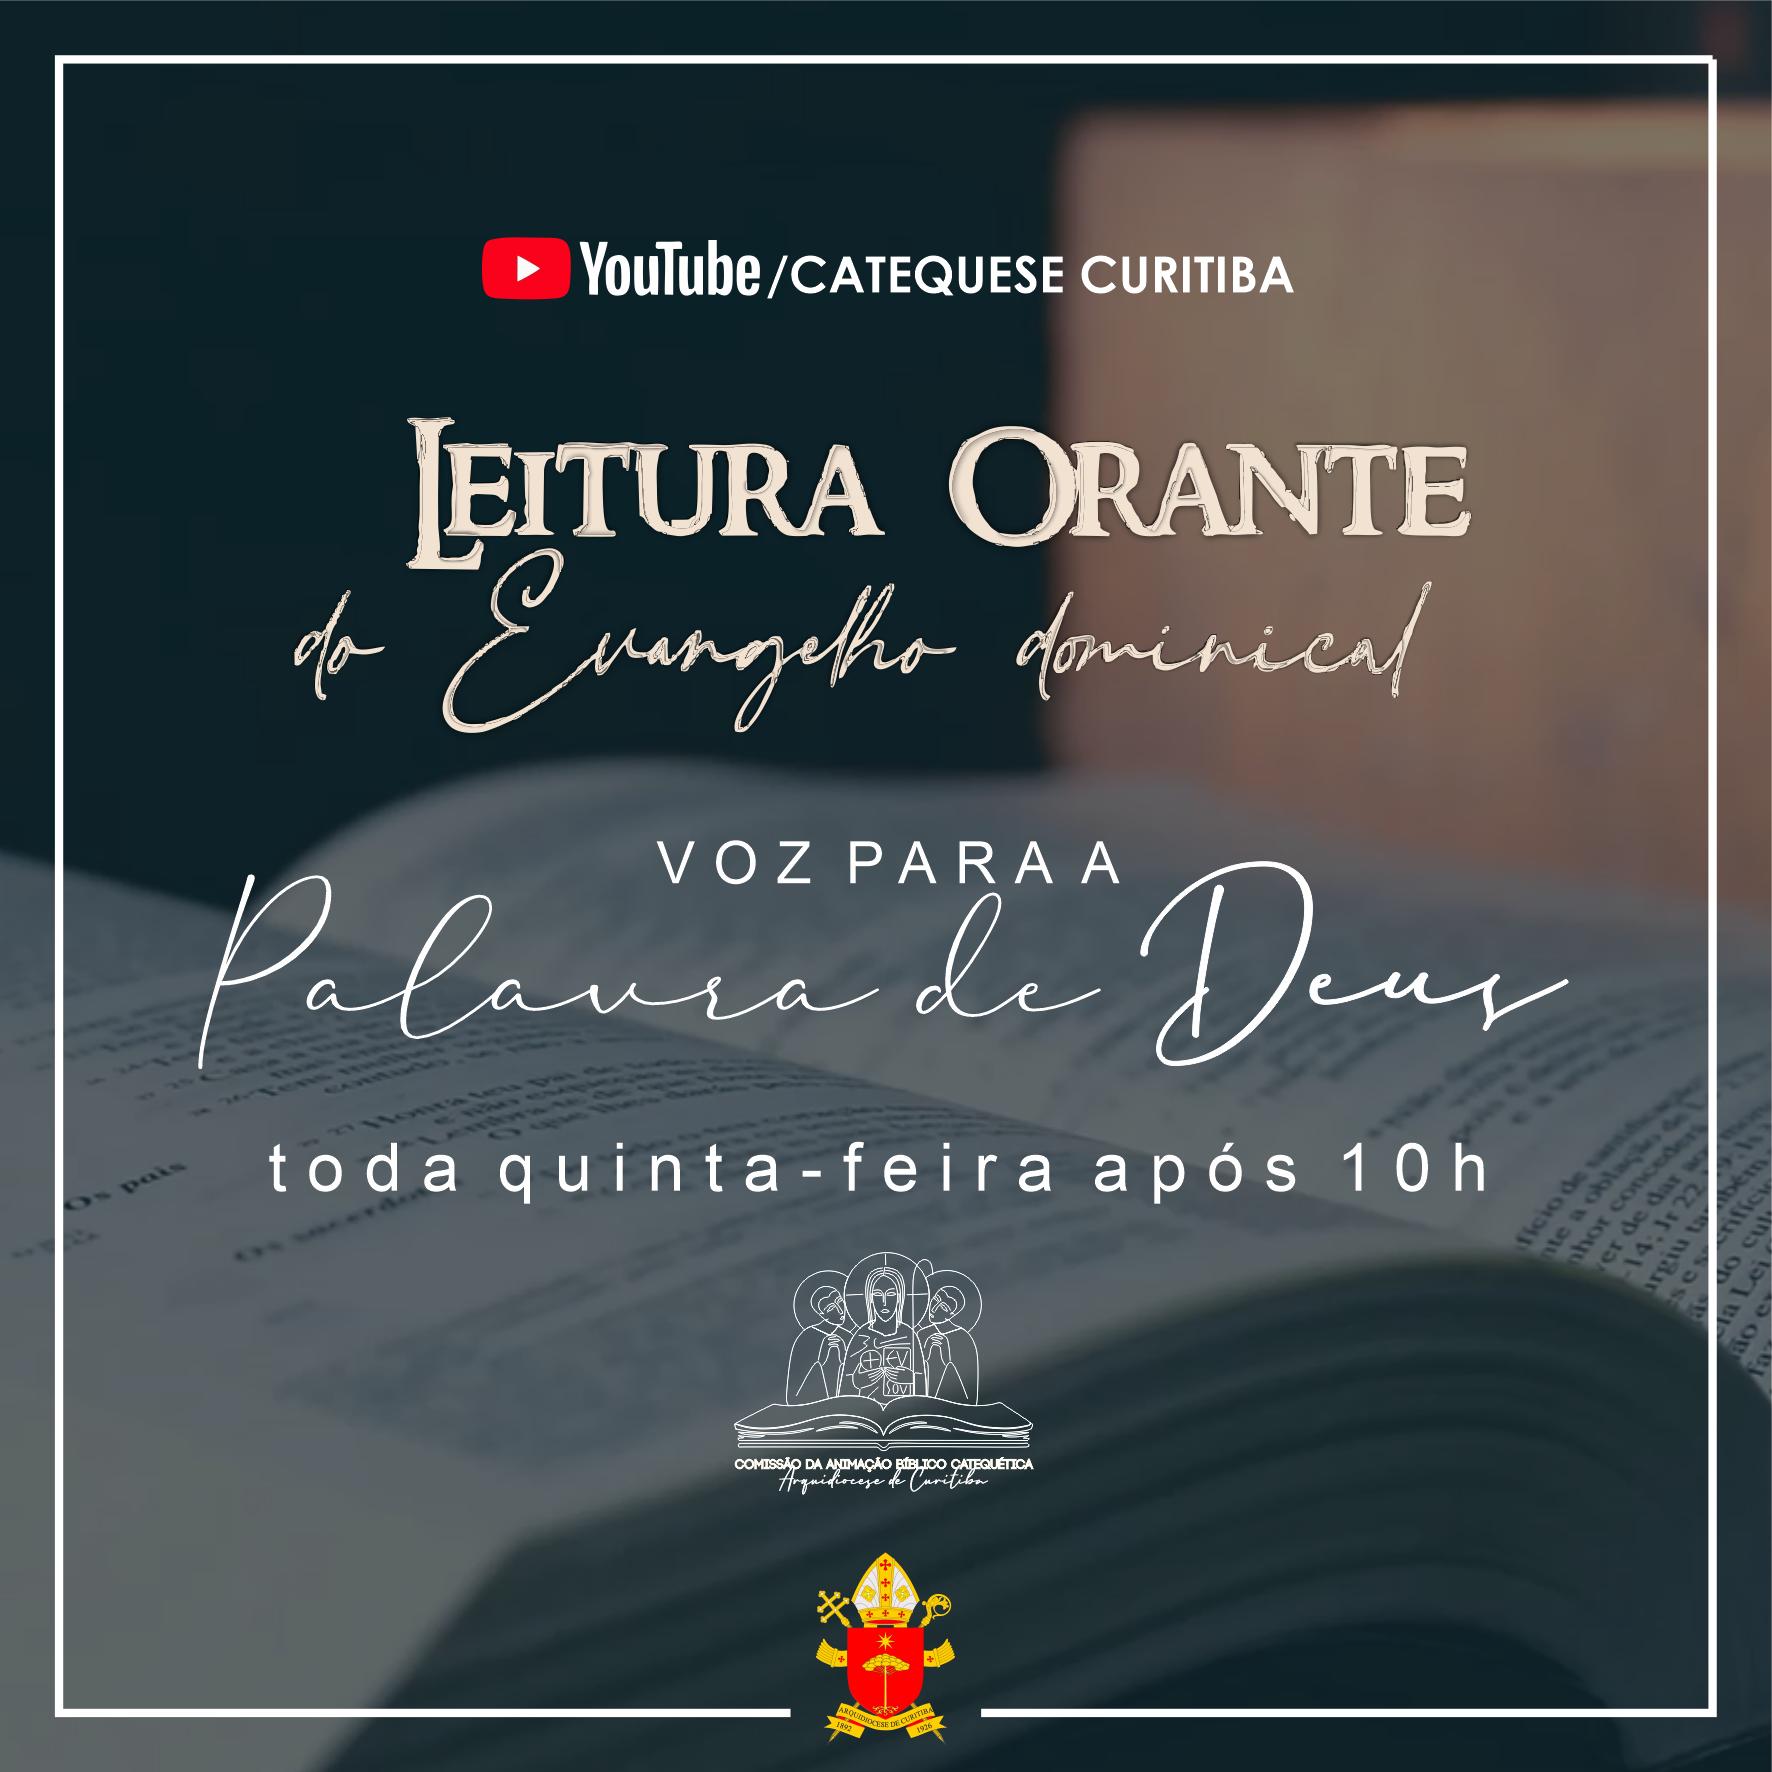 Você também pode acompanhar os quadros Leitura Orante do Evangelho e Voz Para a Palavra de Deus todas as semanas (Imagem: Divulgação/Arquidiocese de Curitiba)